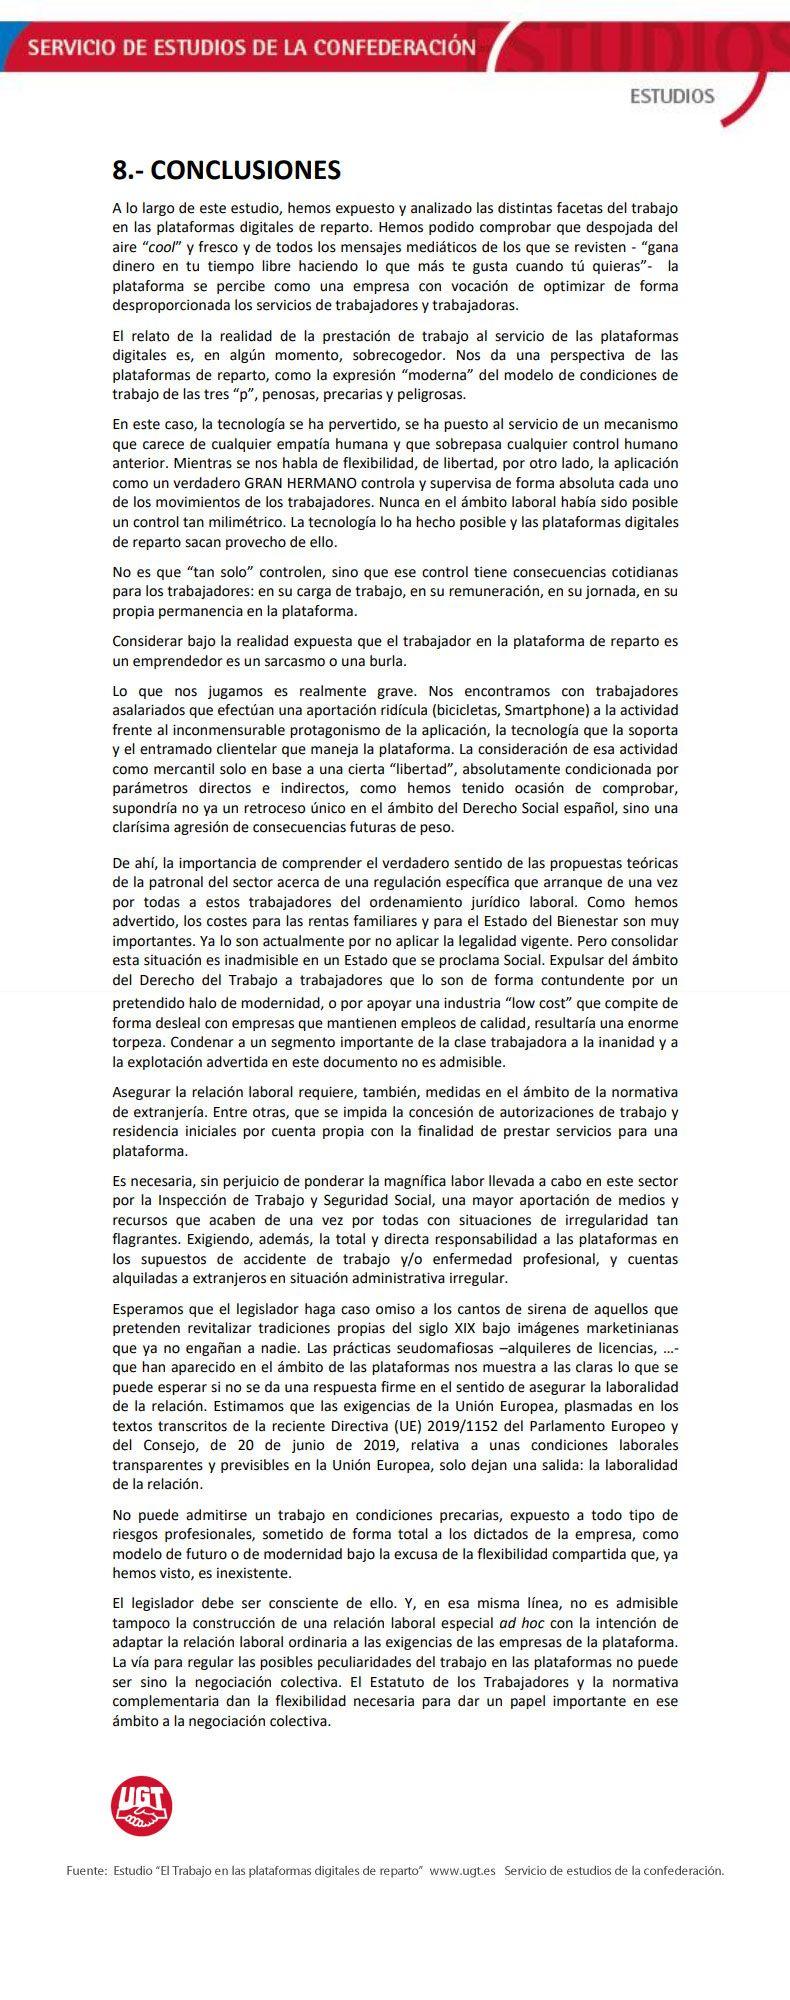 Conclusiones estudio UGT plataformas digitales de reparto